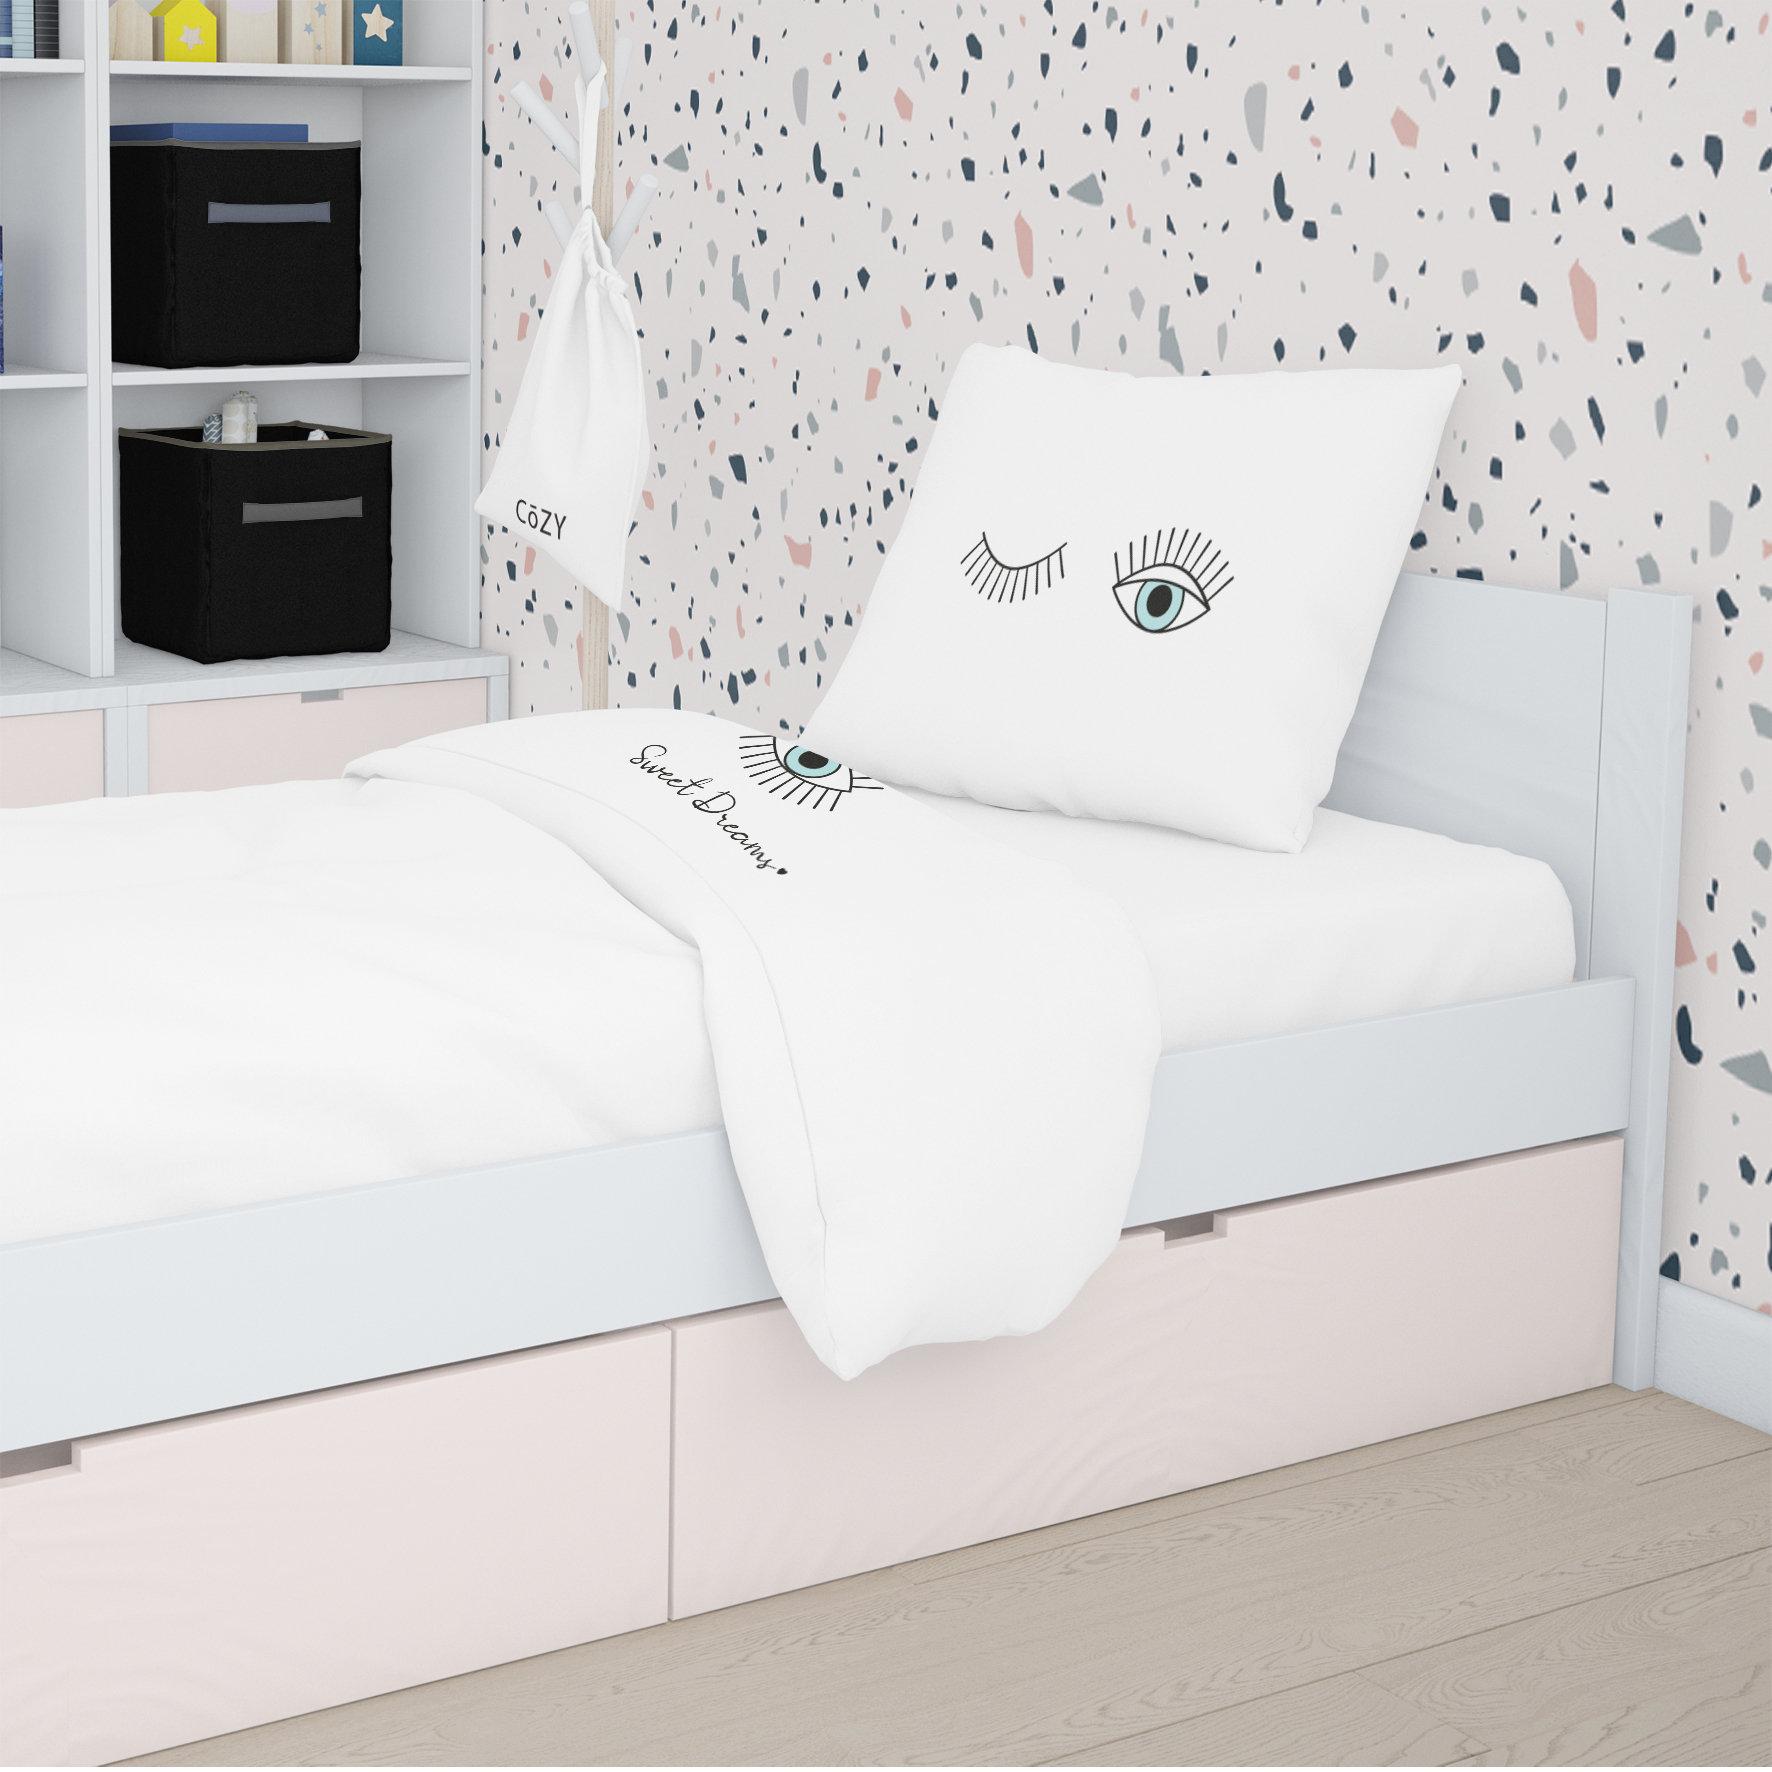 100% Coton Sheet Set, Pillowcae, lit simple, Protège-yeux mal, Blanc clair, literie, couette, ensemble de couverture, 3 Pièces Comfort Quilt